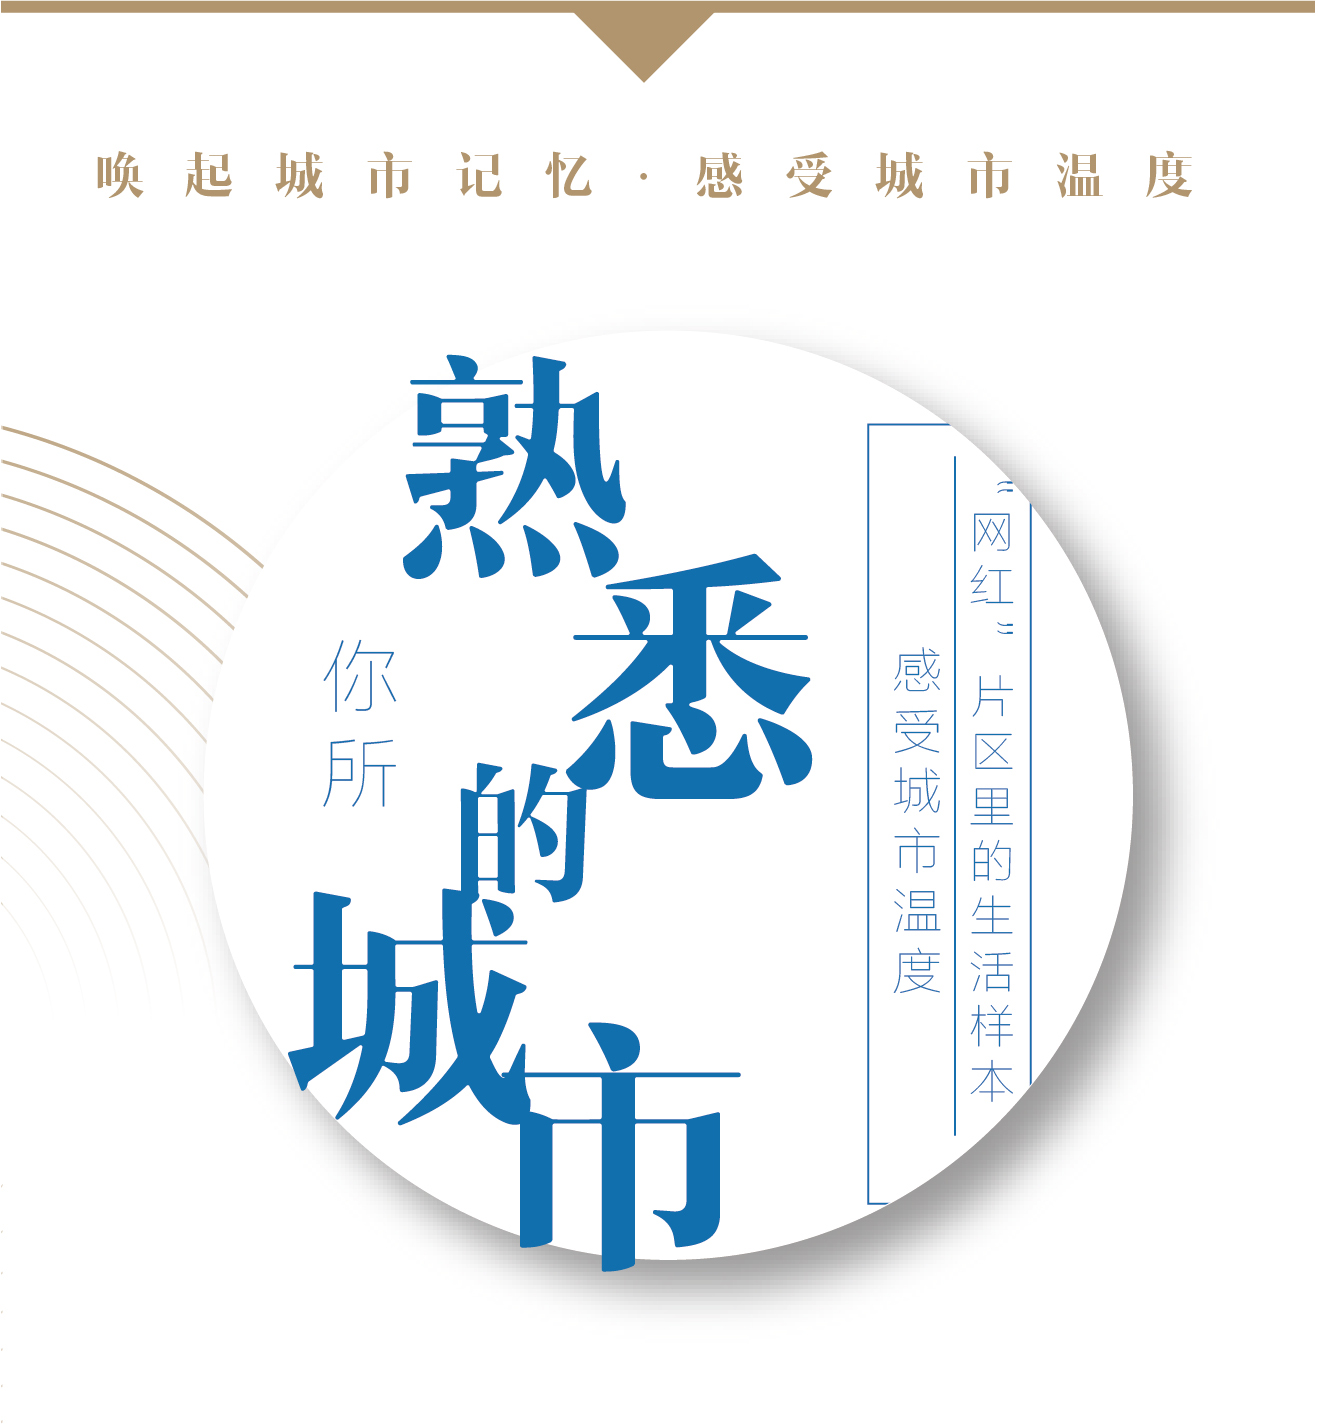 微信长图-01.jpg